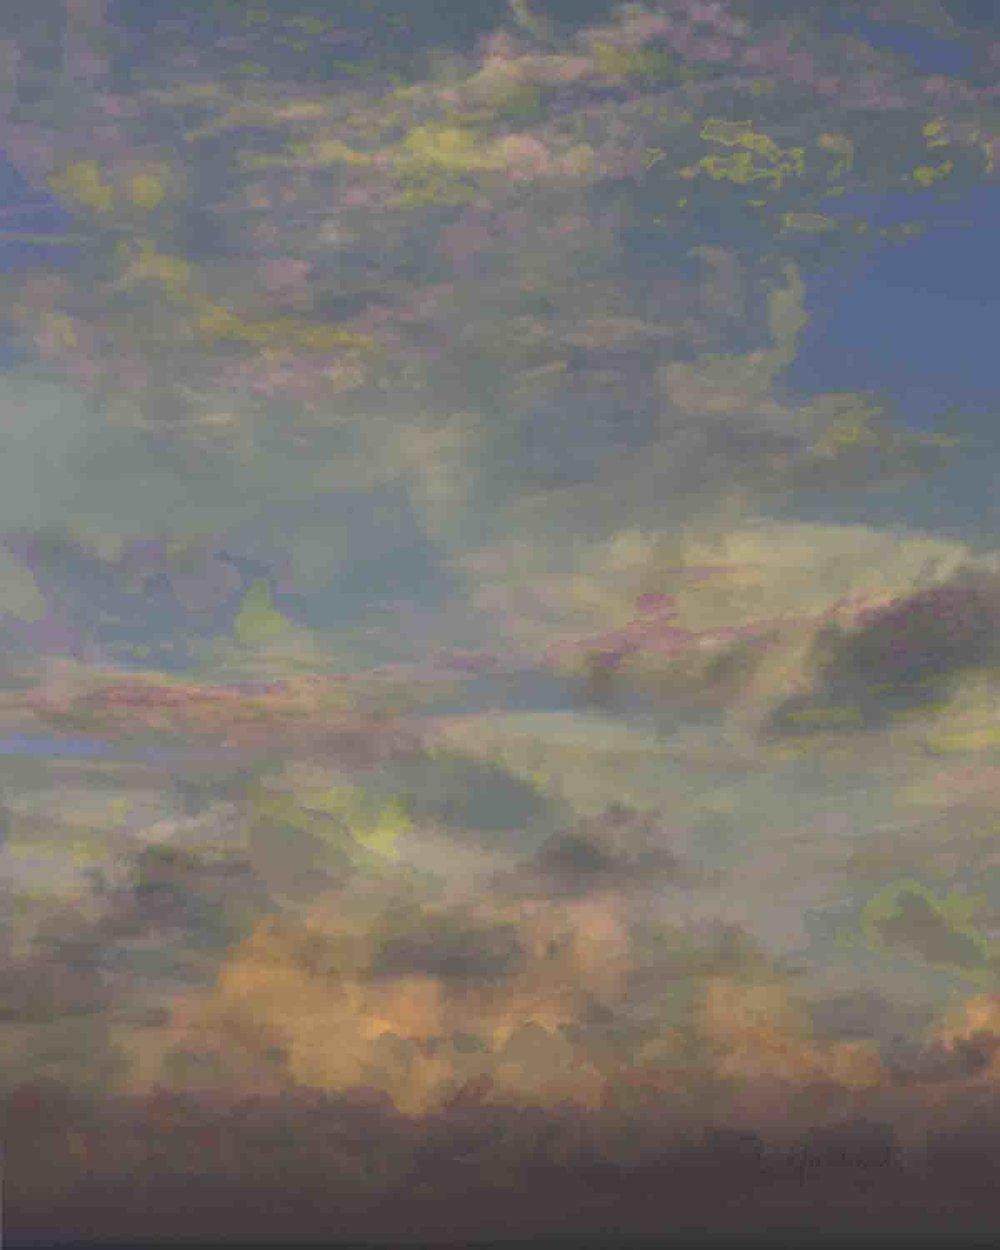 Watercolor Skies of Kepler 1647b